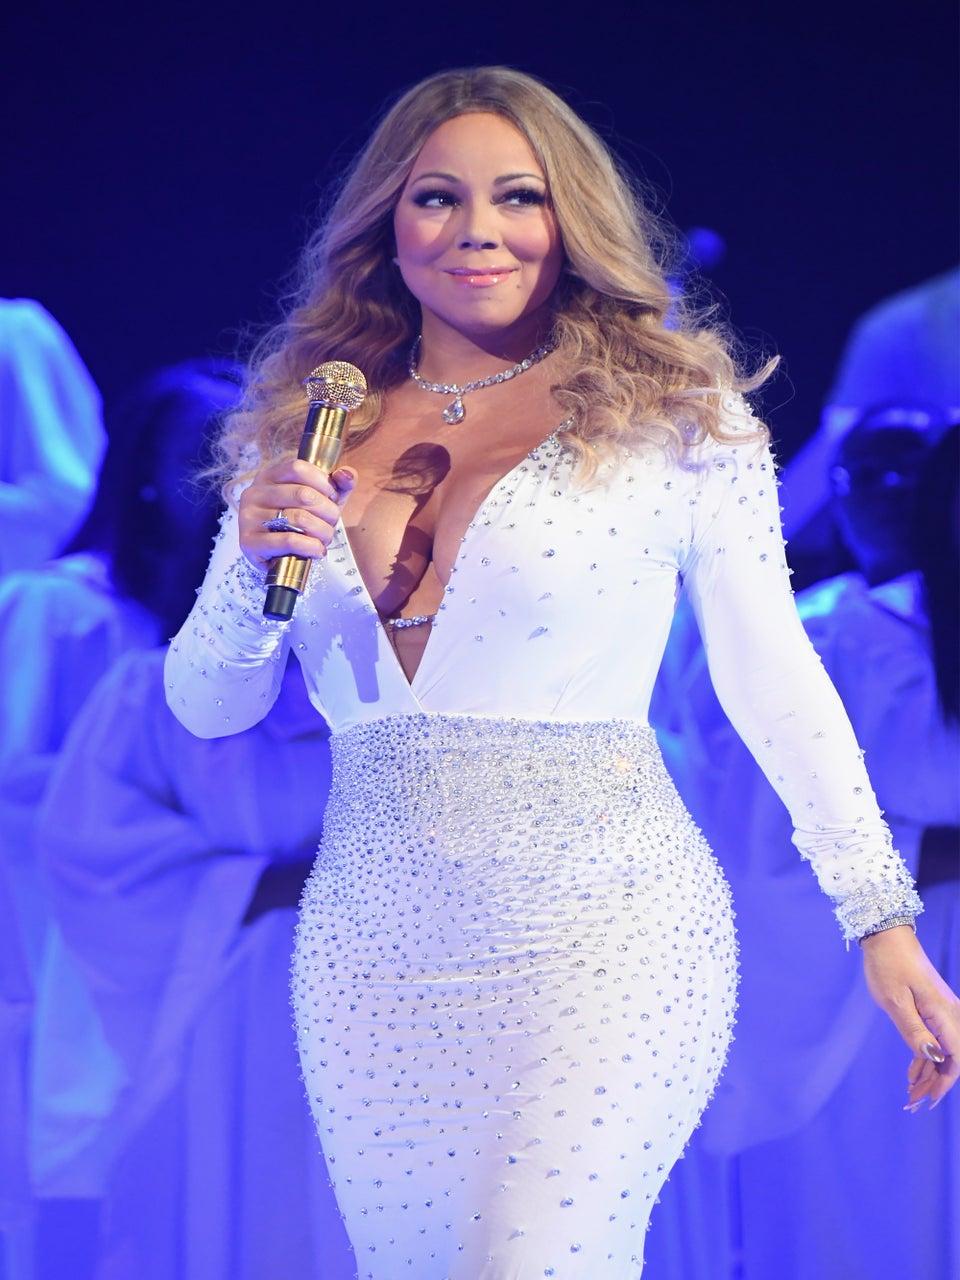 Mariah Carey's Ex-Choreographer Explains The Star's Recent Behavior